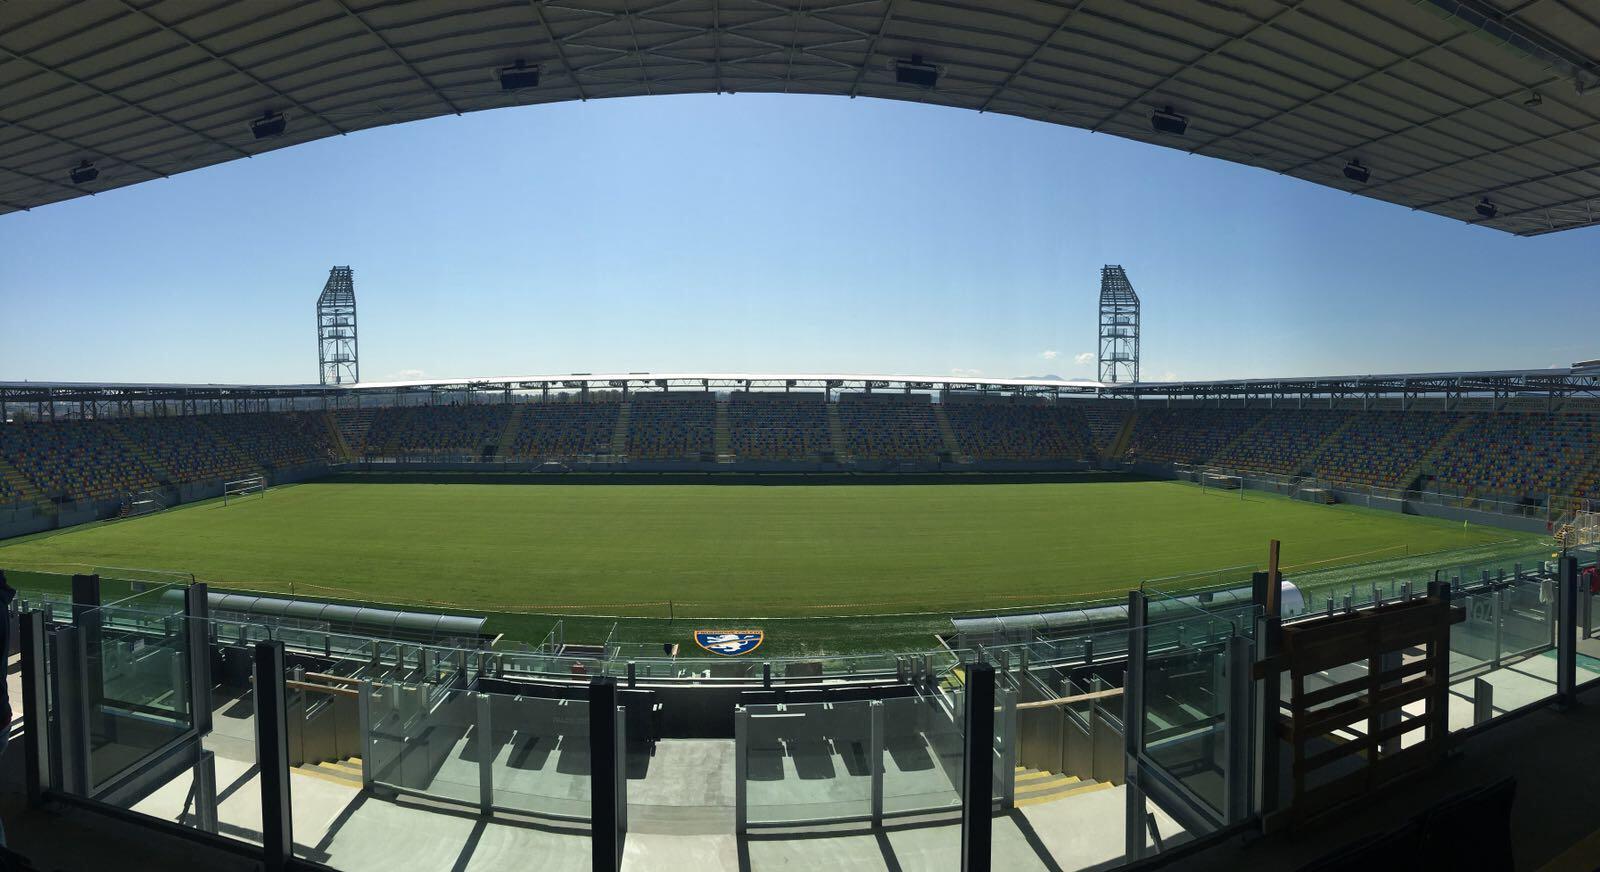 Inaugurazione stadio Benito Stirpe: le parole di Luca Lotti